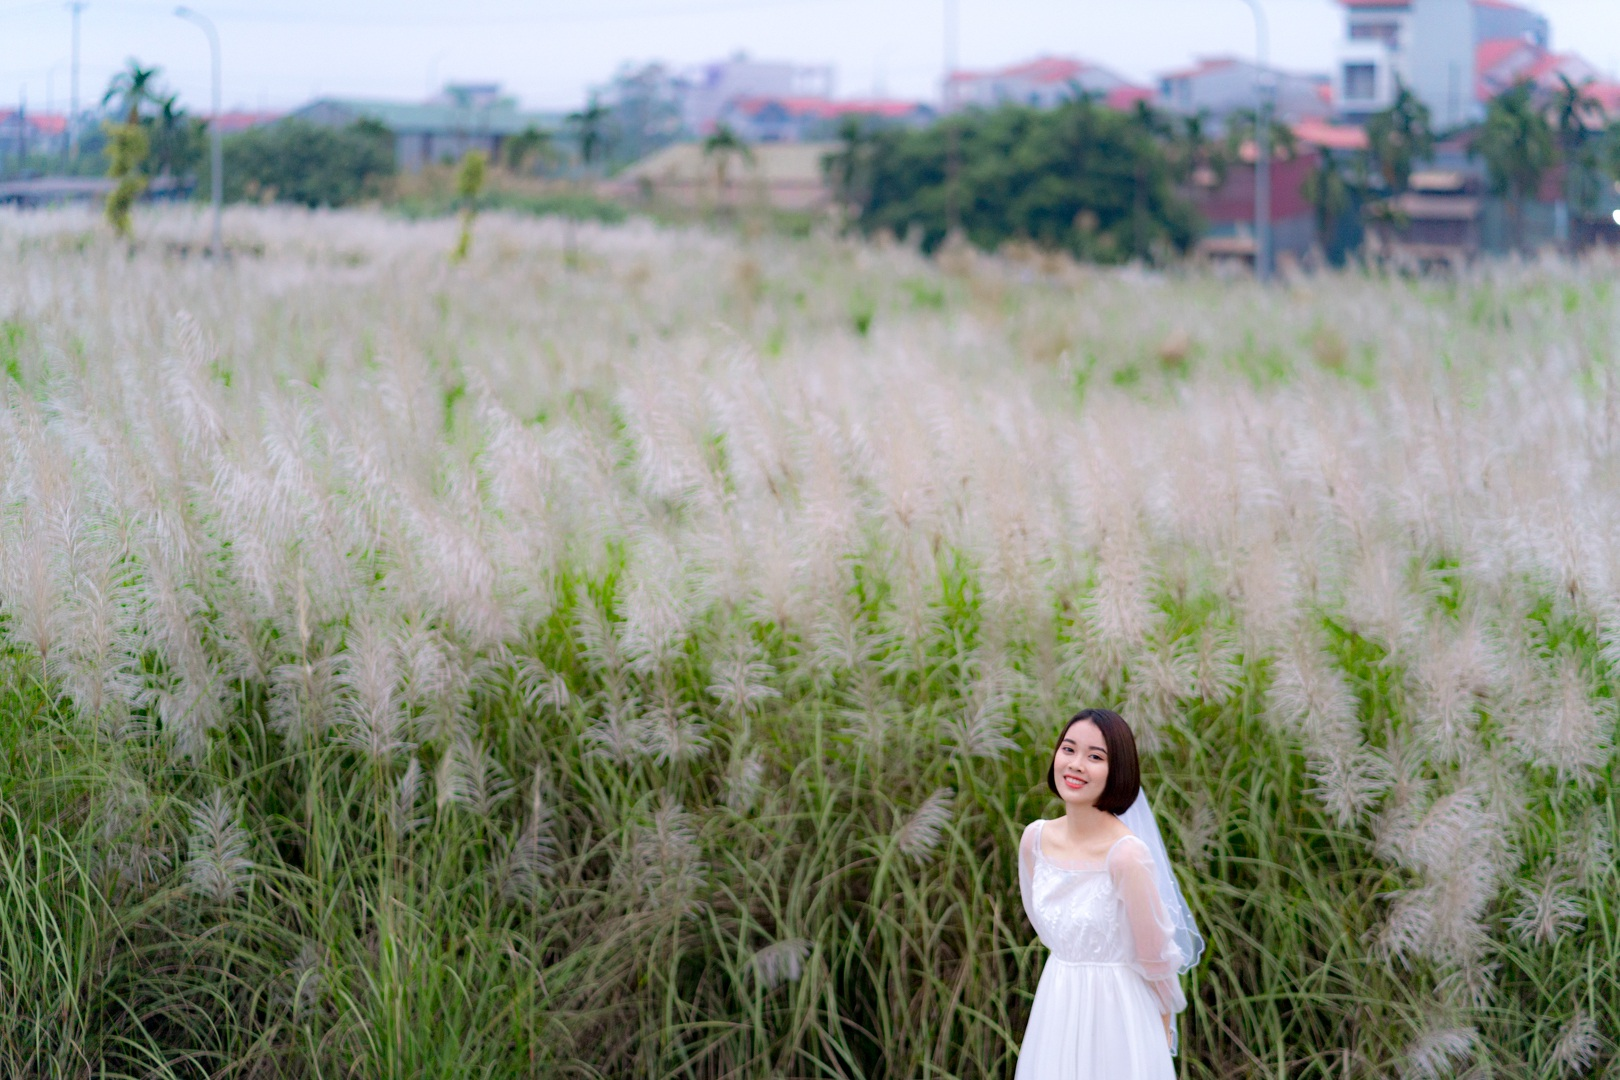 Bãi cỏ lau trắng tuyệt đẹp hút giới trẻ Hà thành tới sống ảo - 5